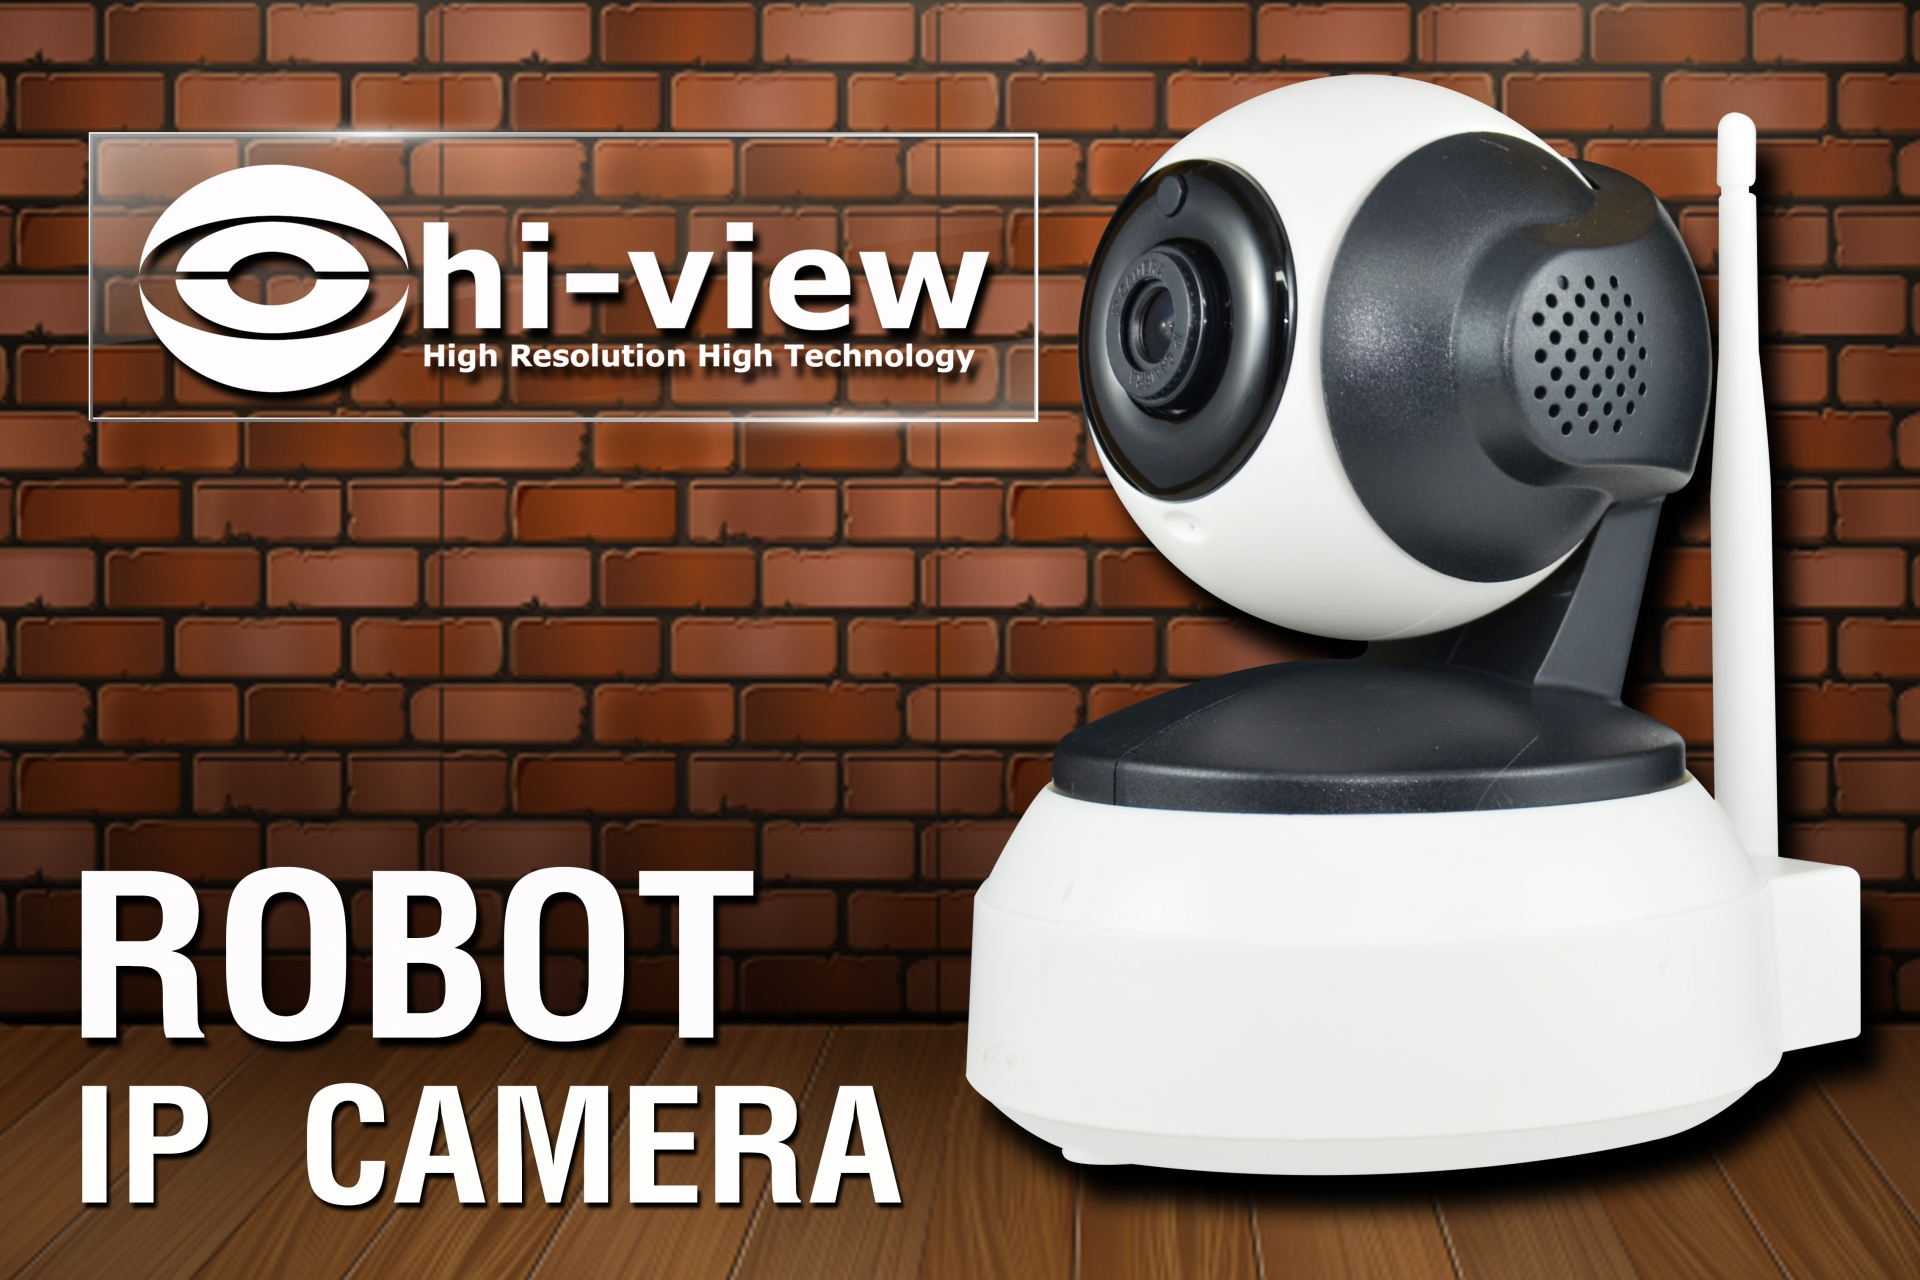 กล้องวงจรปิด Hiview รุ่น HP-ROBOT13